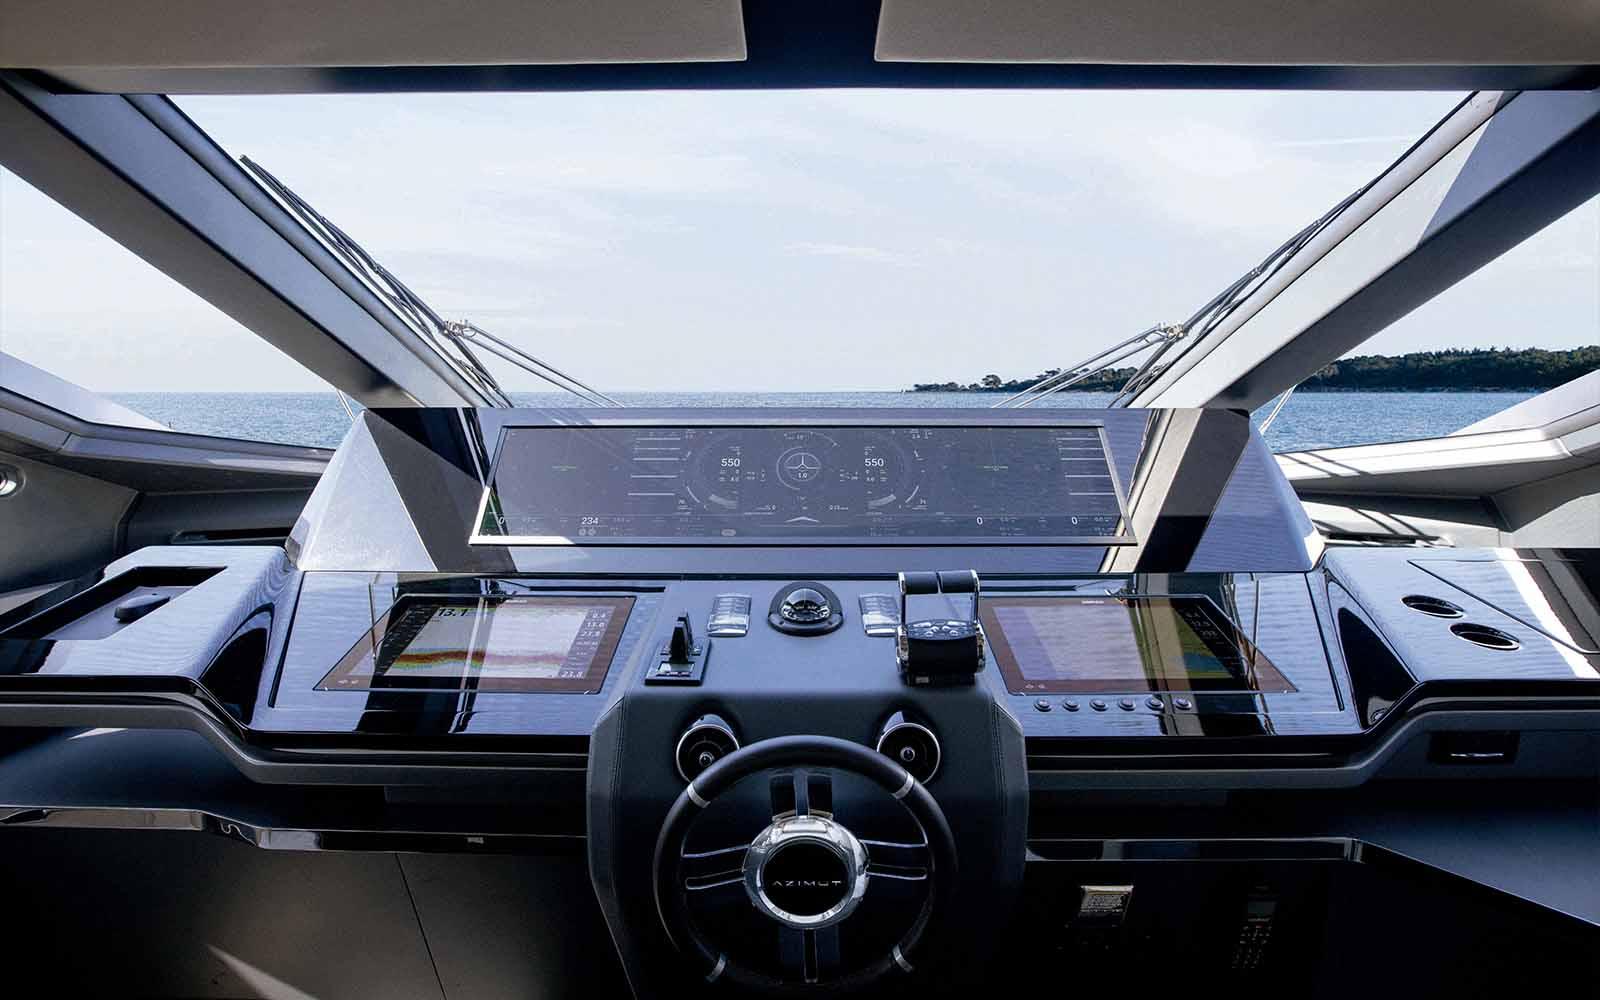 Azimut Grande S10 posto de comando Simrad Naviop - boat shopping